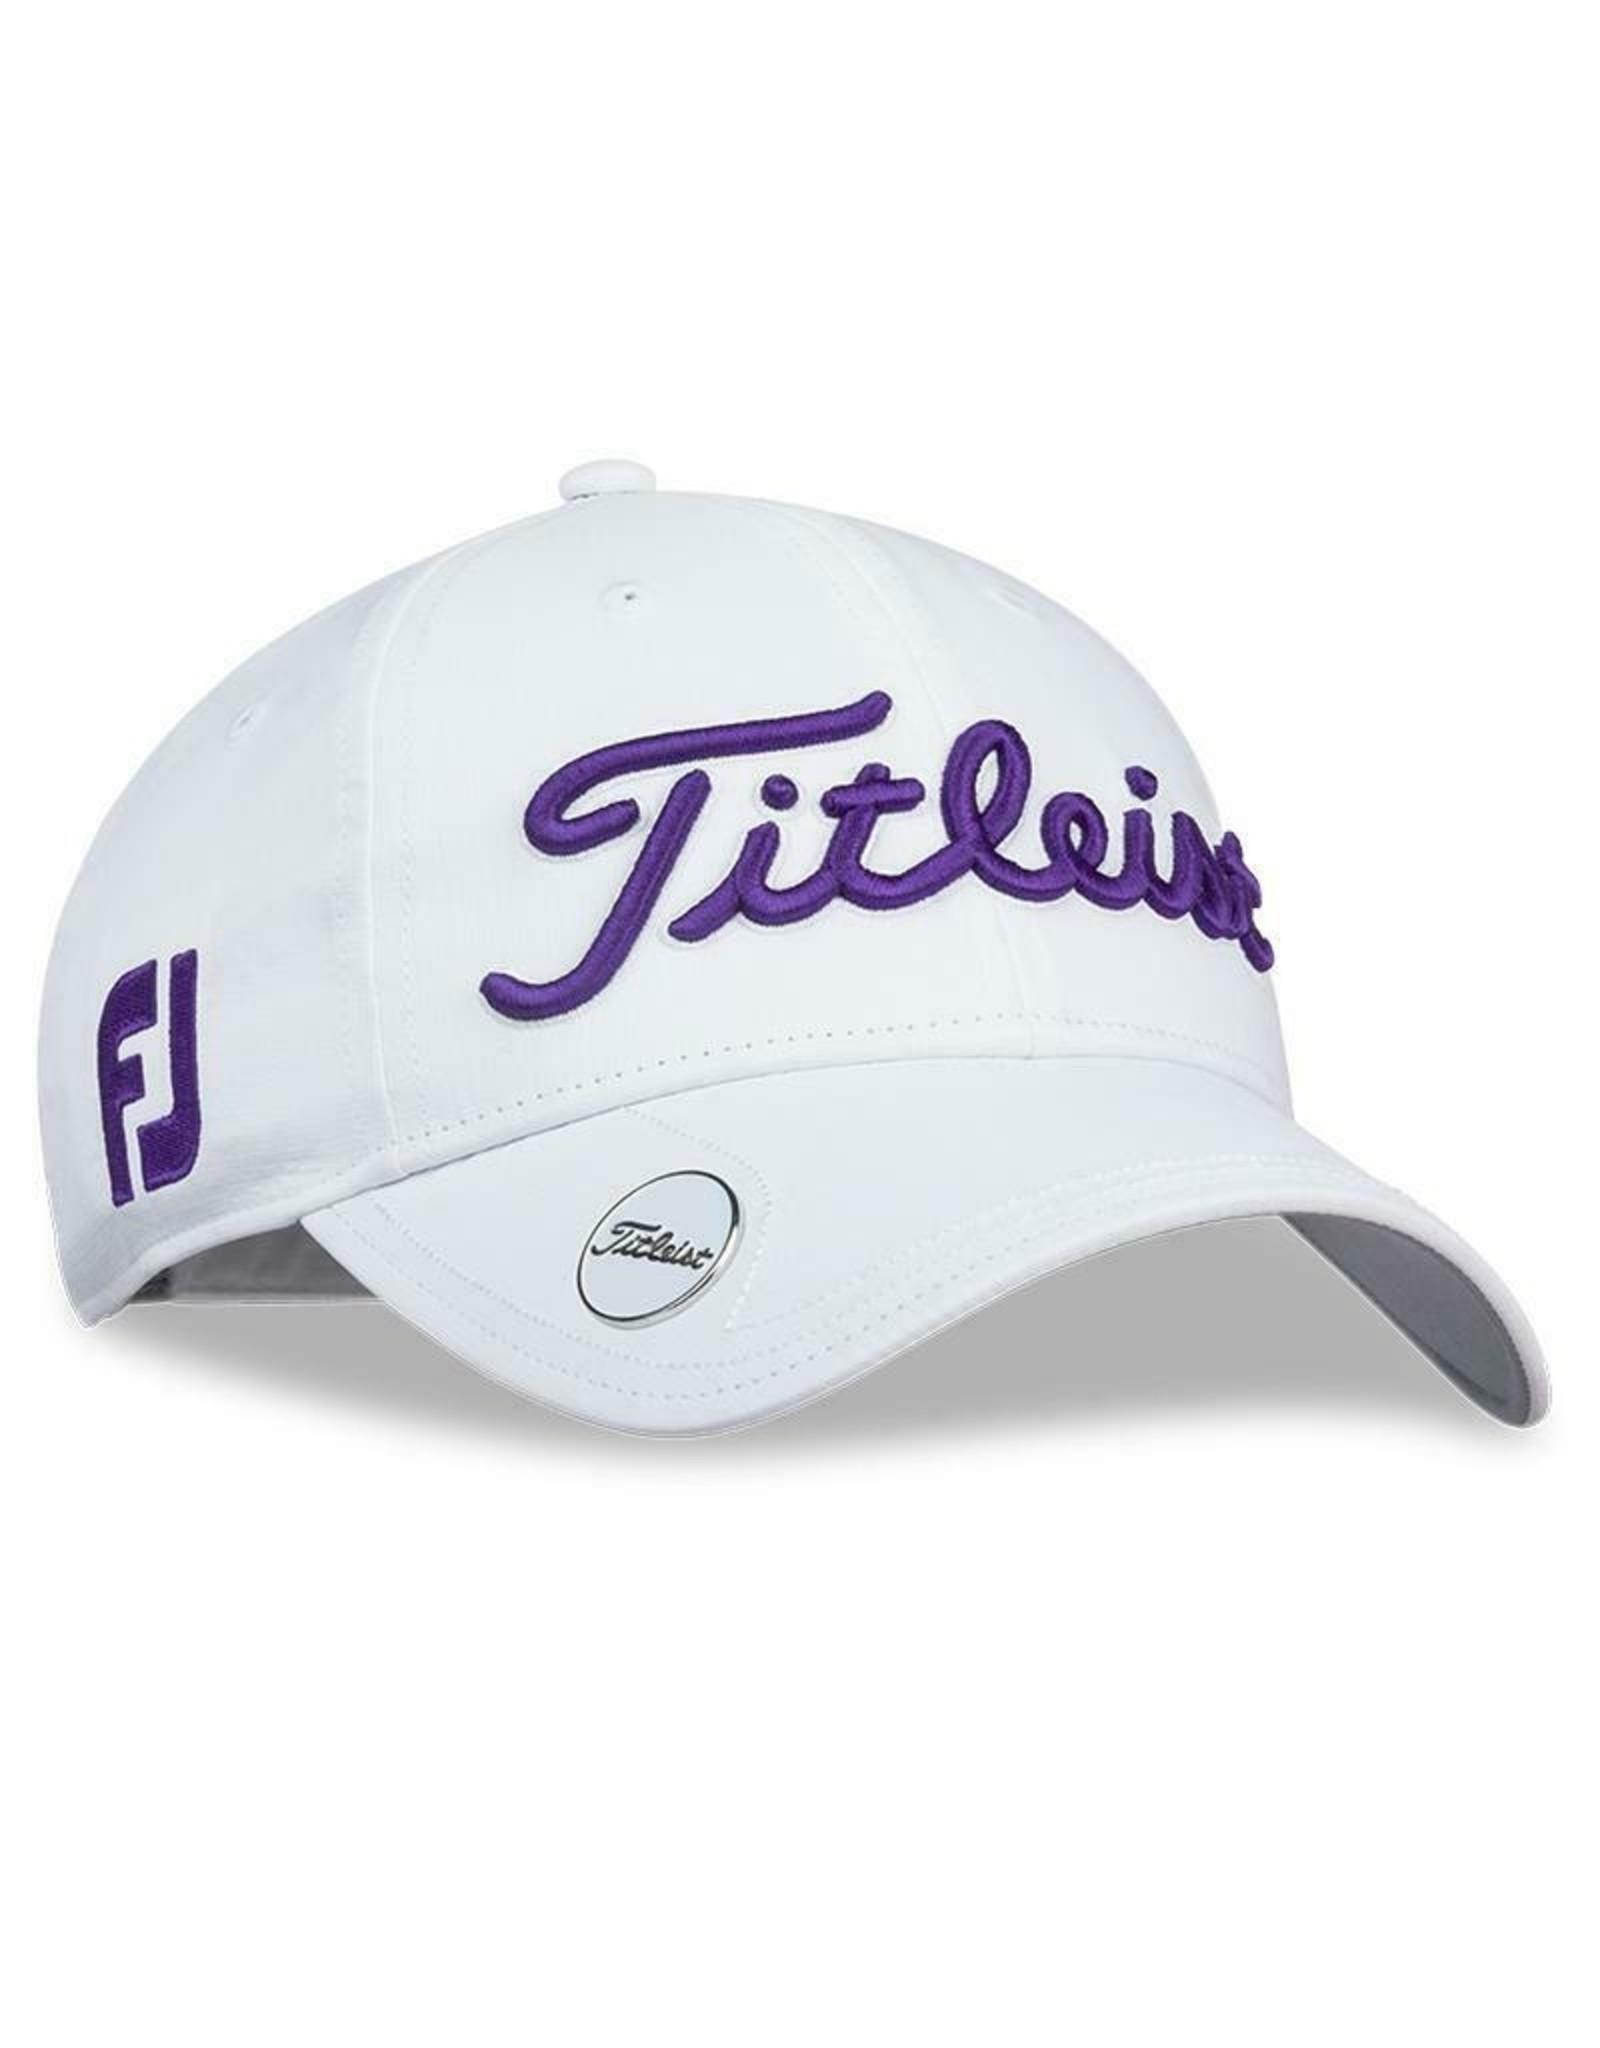 Titleist Titleist Performance Ball Marker Hat (Womens)